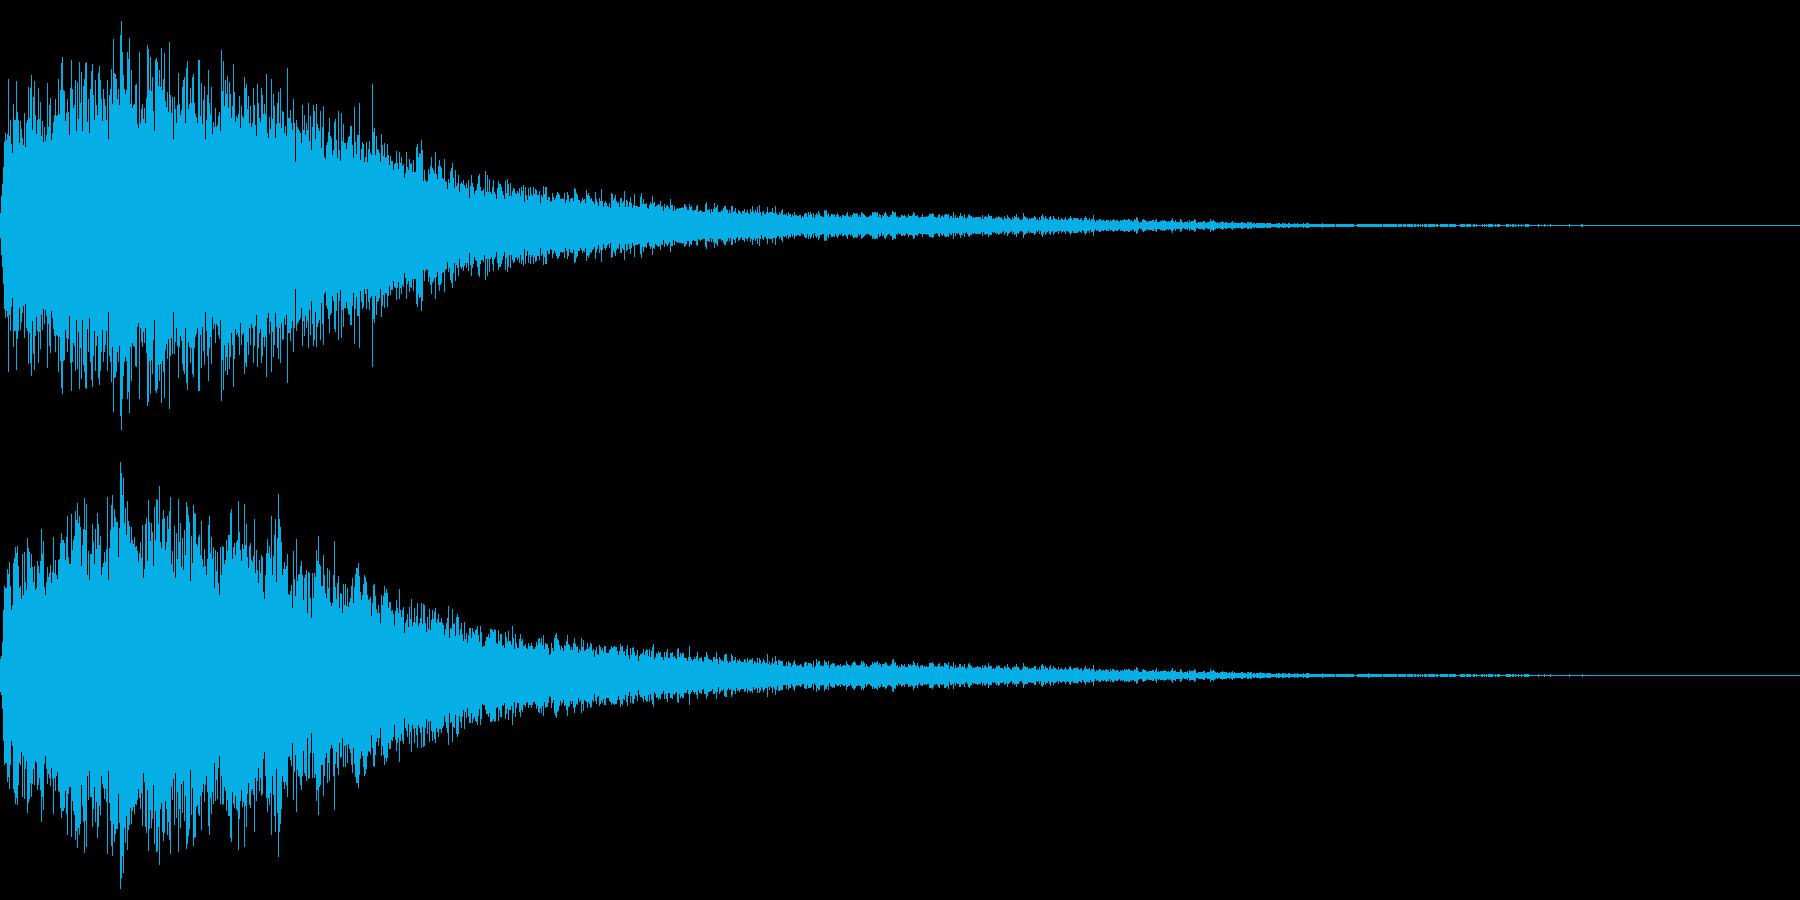 聖魔法の再生済みの波形